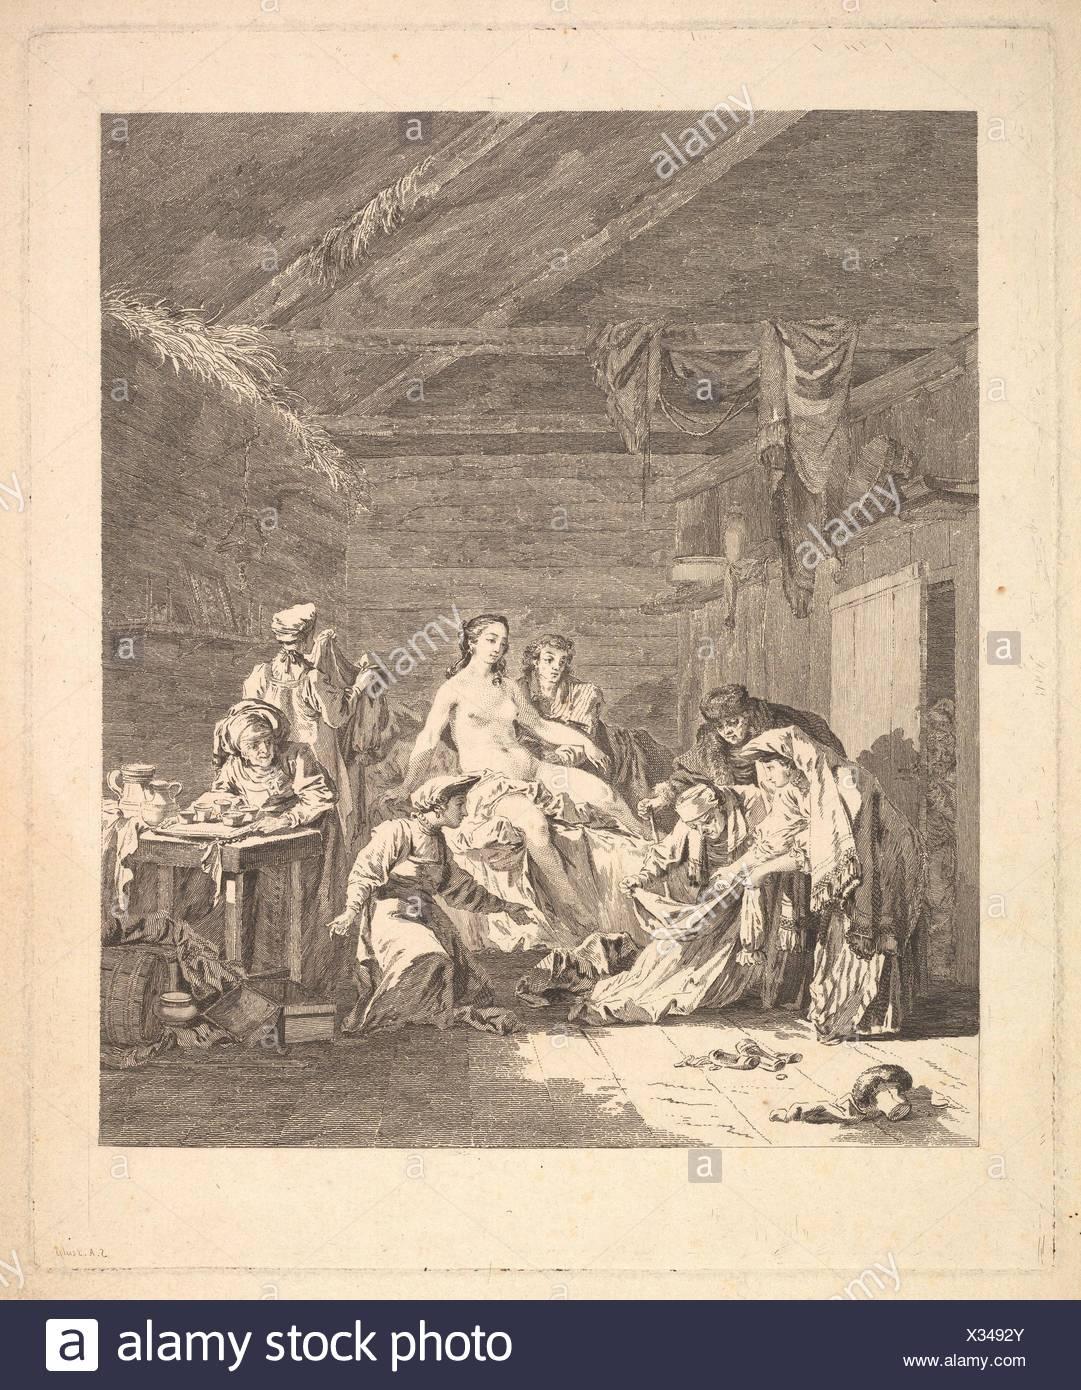 Vignette of the first volume, page 165: Usage des Russes après le Mariage et avant la Noce, from Voyage en Sibérie fait par ordre du Roi en 1761 [.], - Stock Image